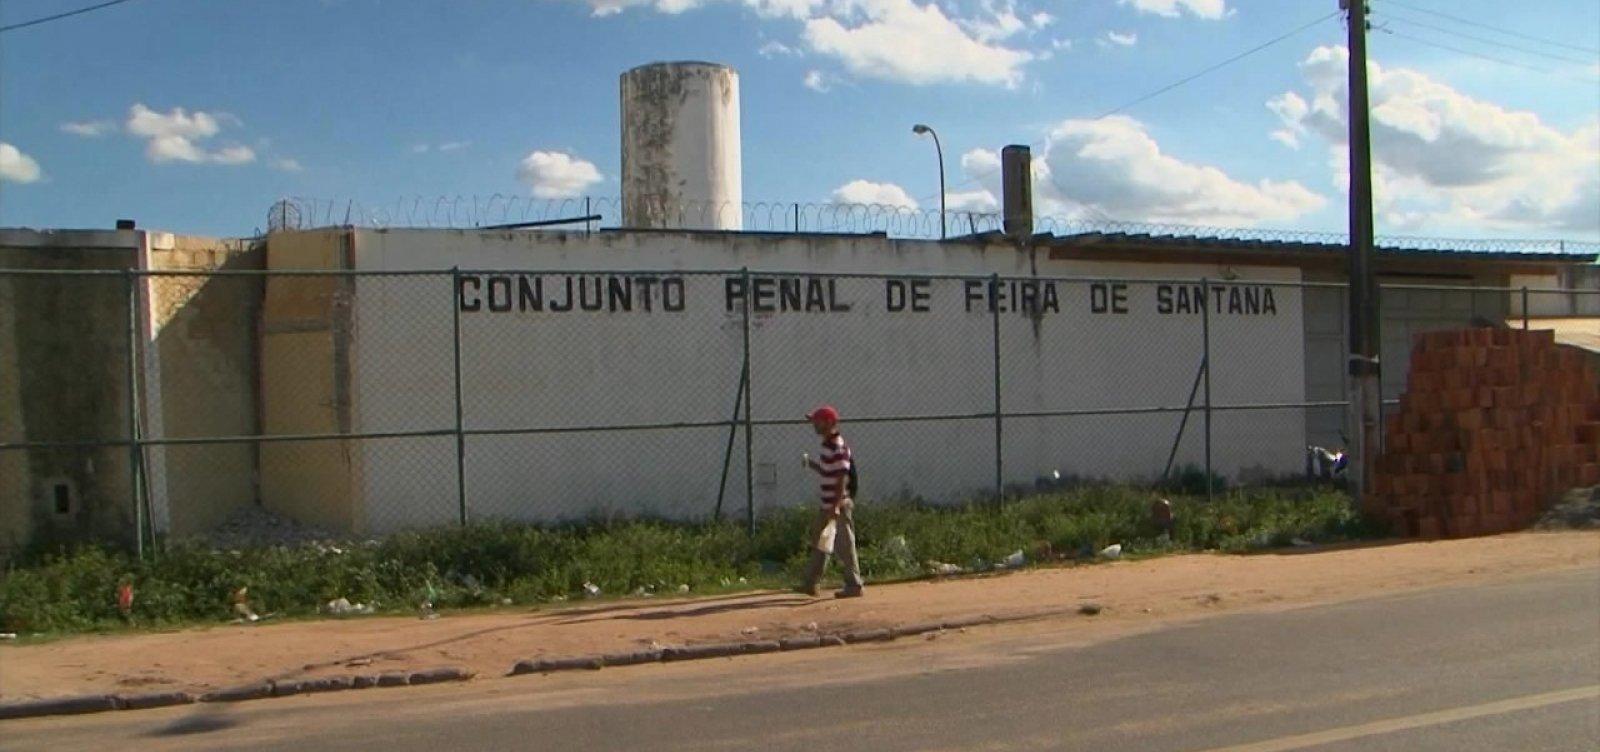 Feira de Santana: cerca de 100 presos já foram para o regime domiciliar